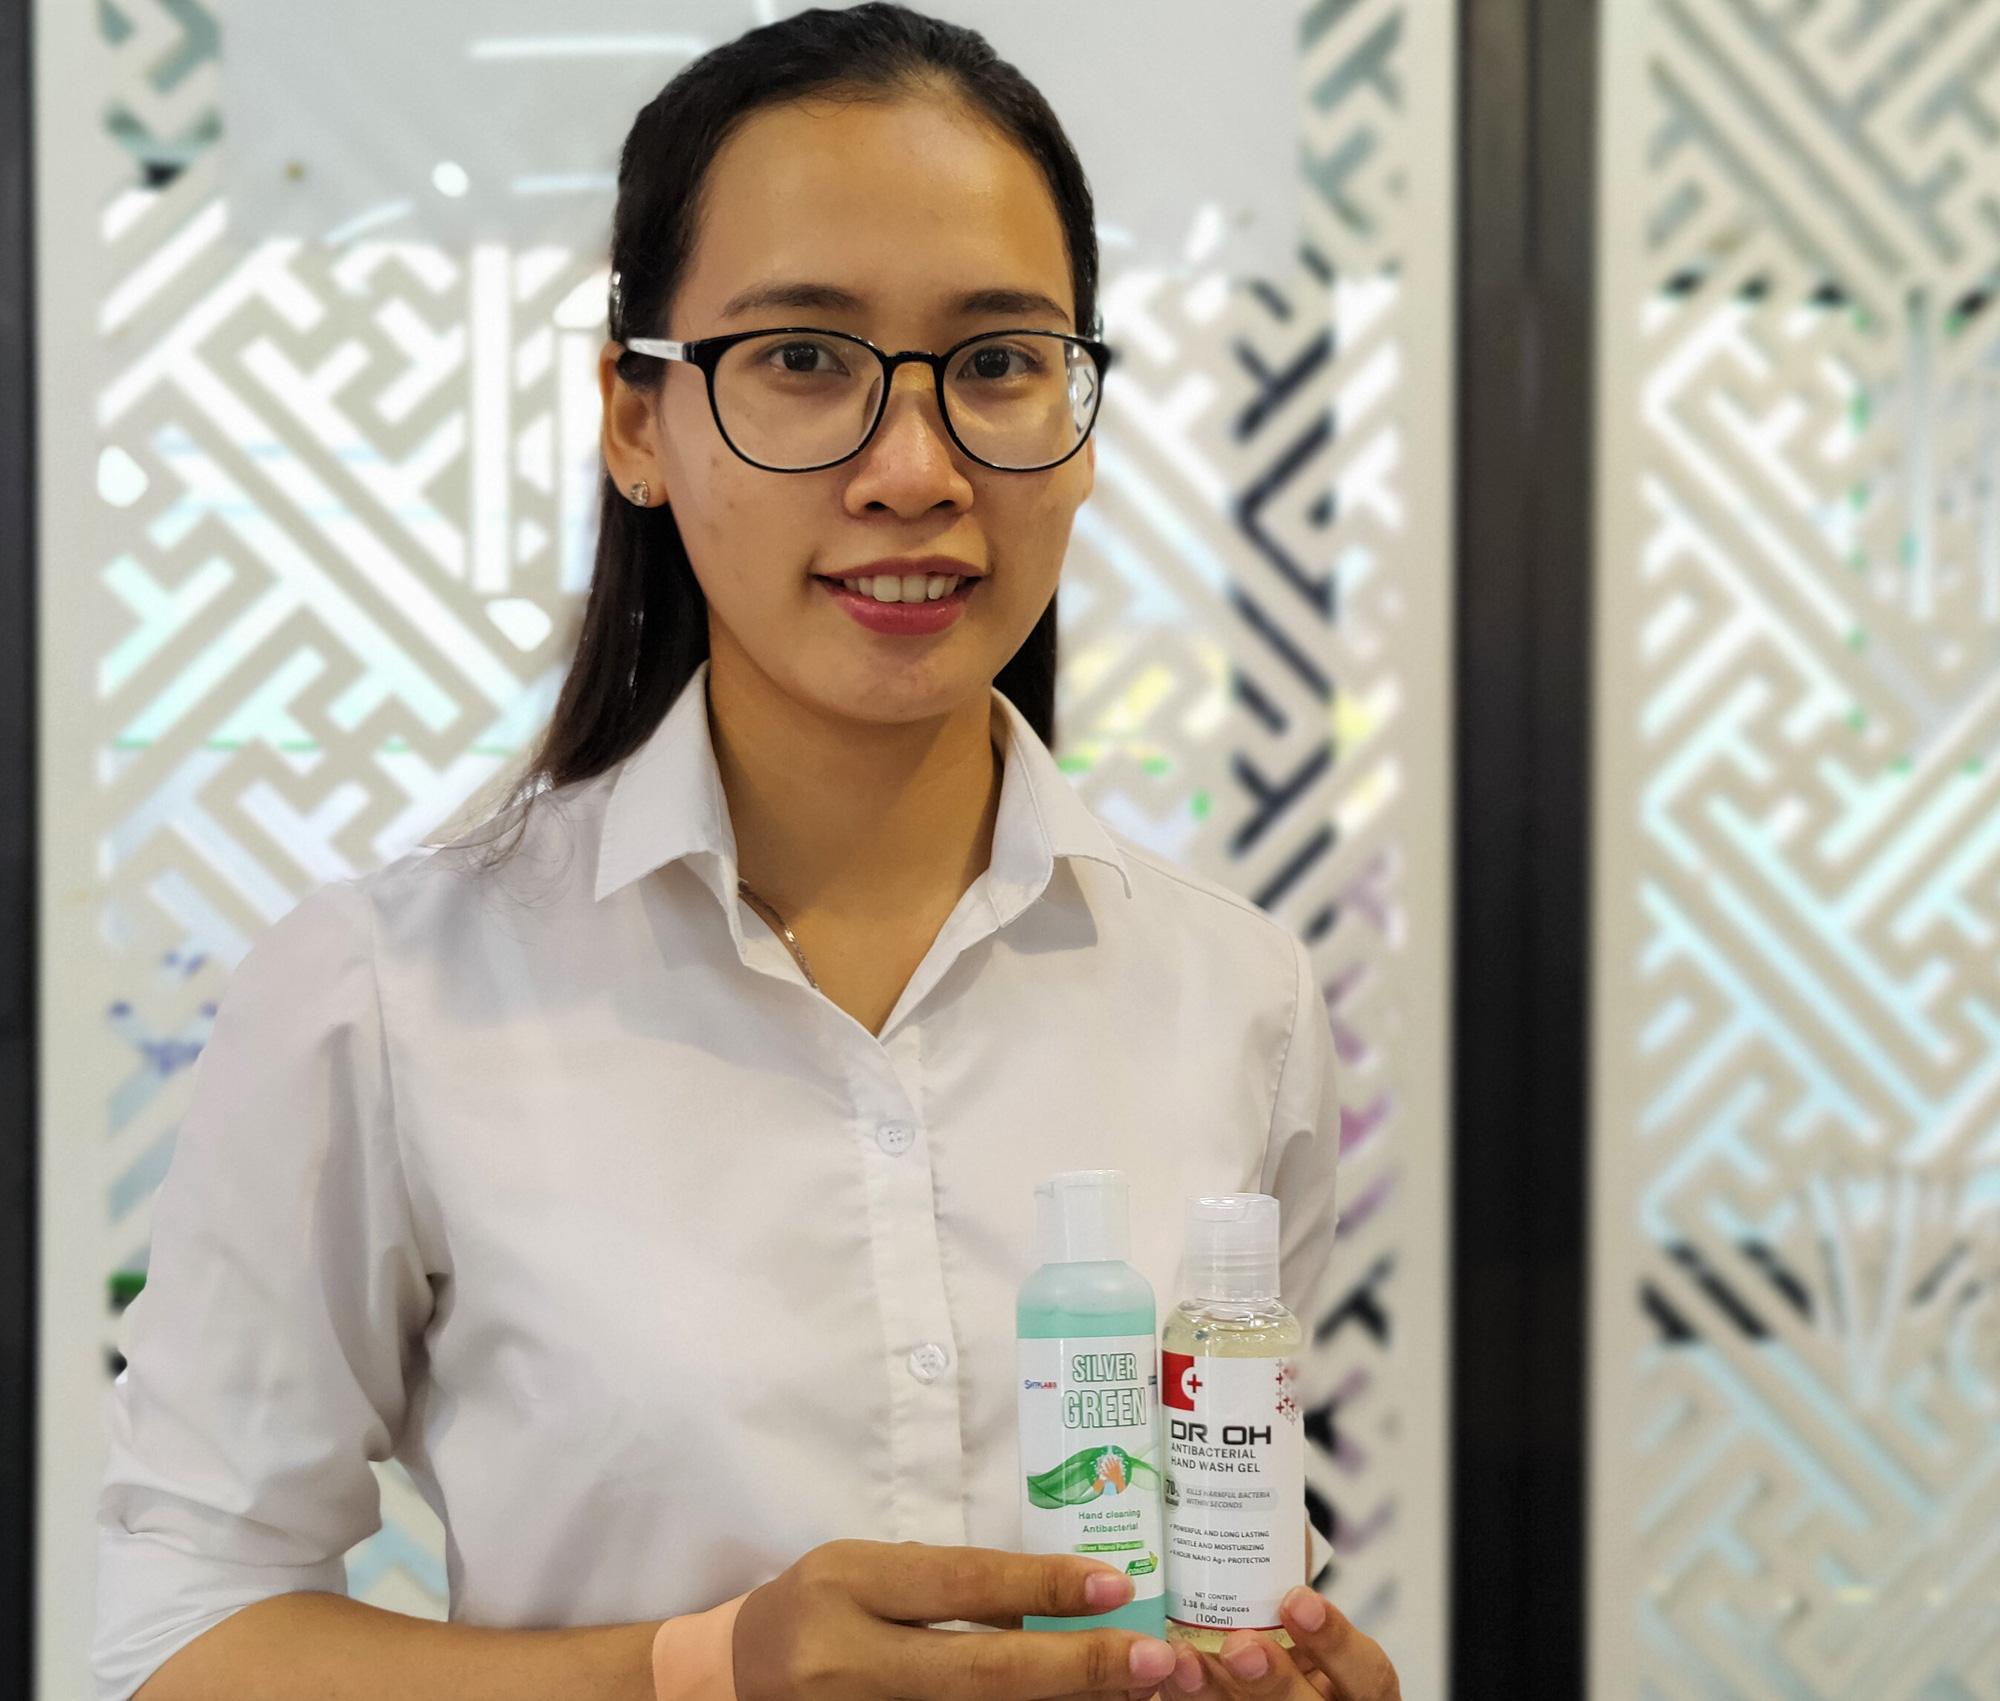 Hỗn dịch nano bạc được sử dụng để bào chế gel rửa tay khô. Ảnh: Trọng Hiền